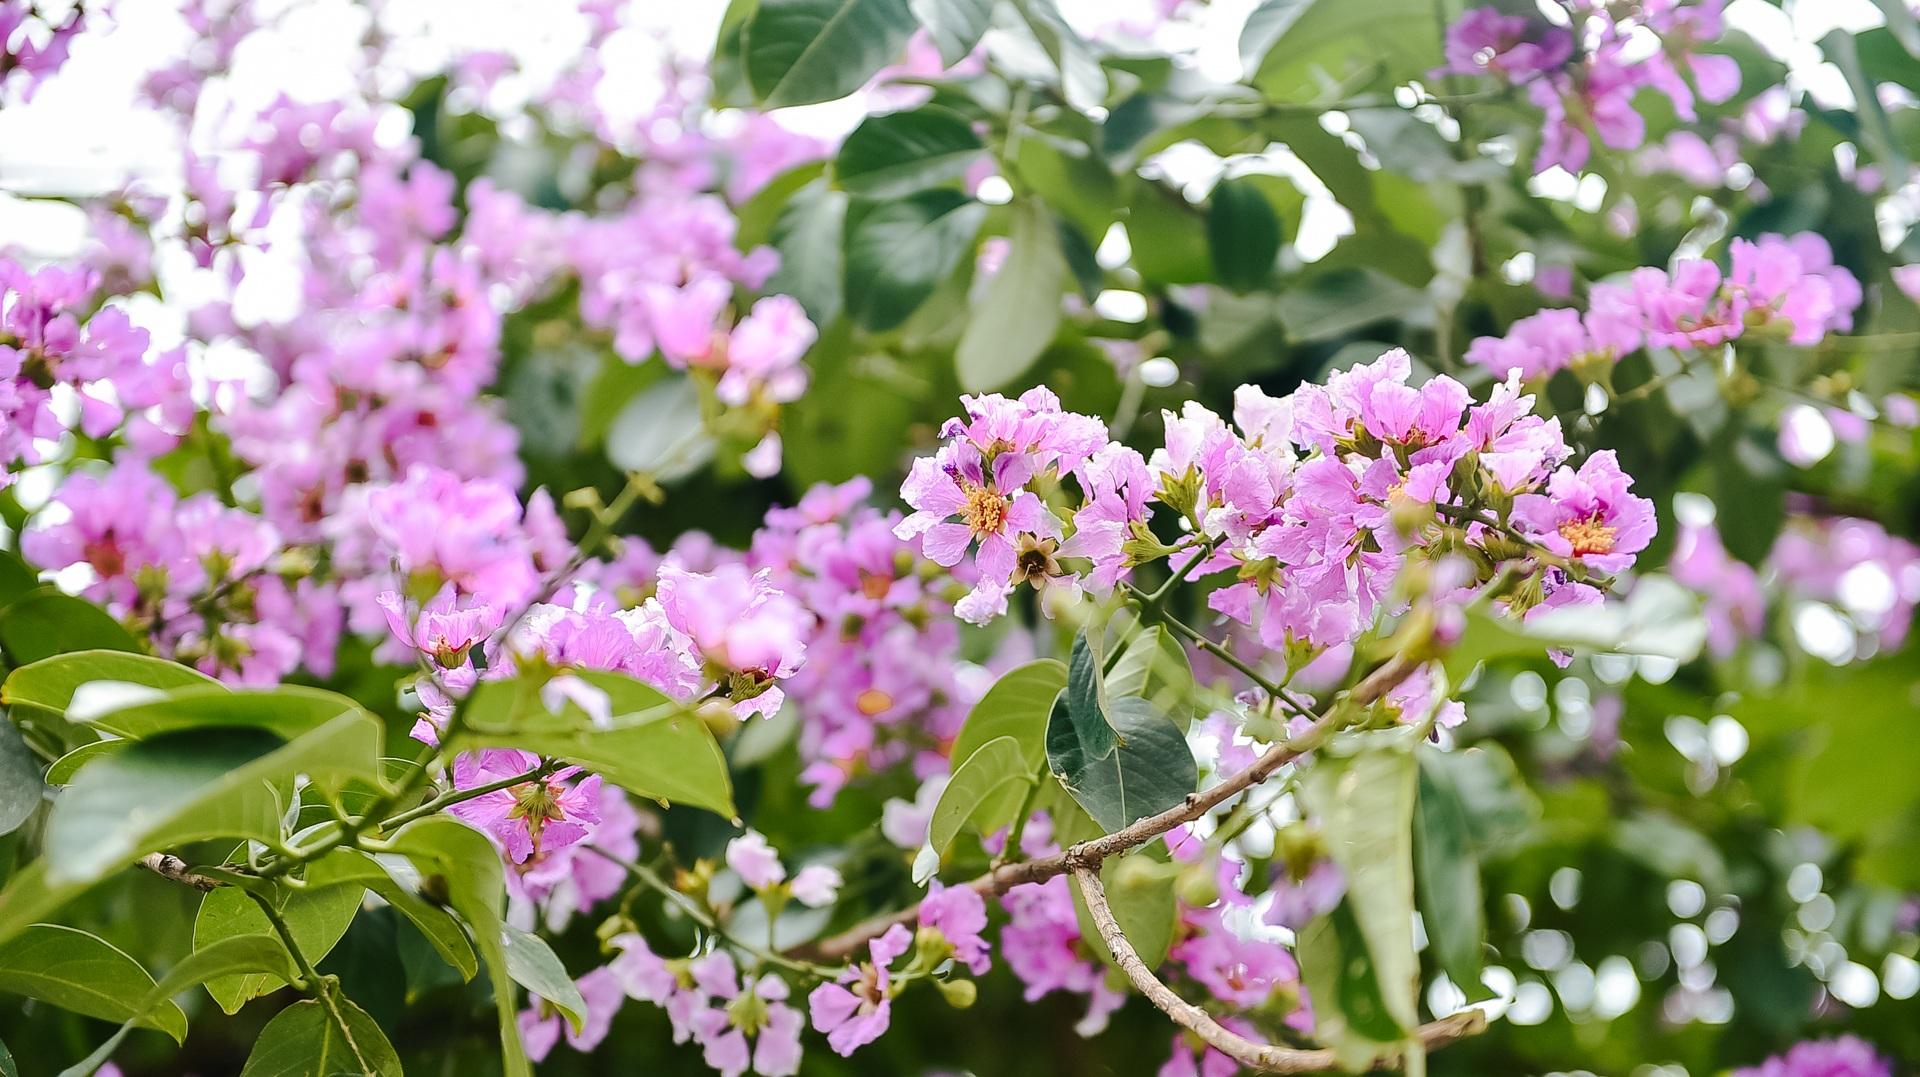 Hoa bằng lăng mộng mơ nhuộm tím đường phố Hà Nội - 8